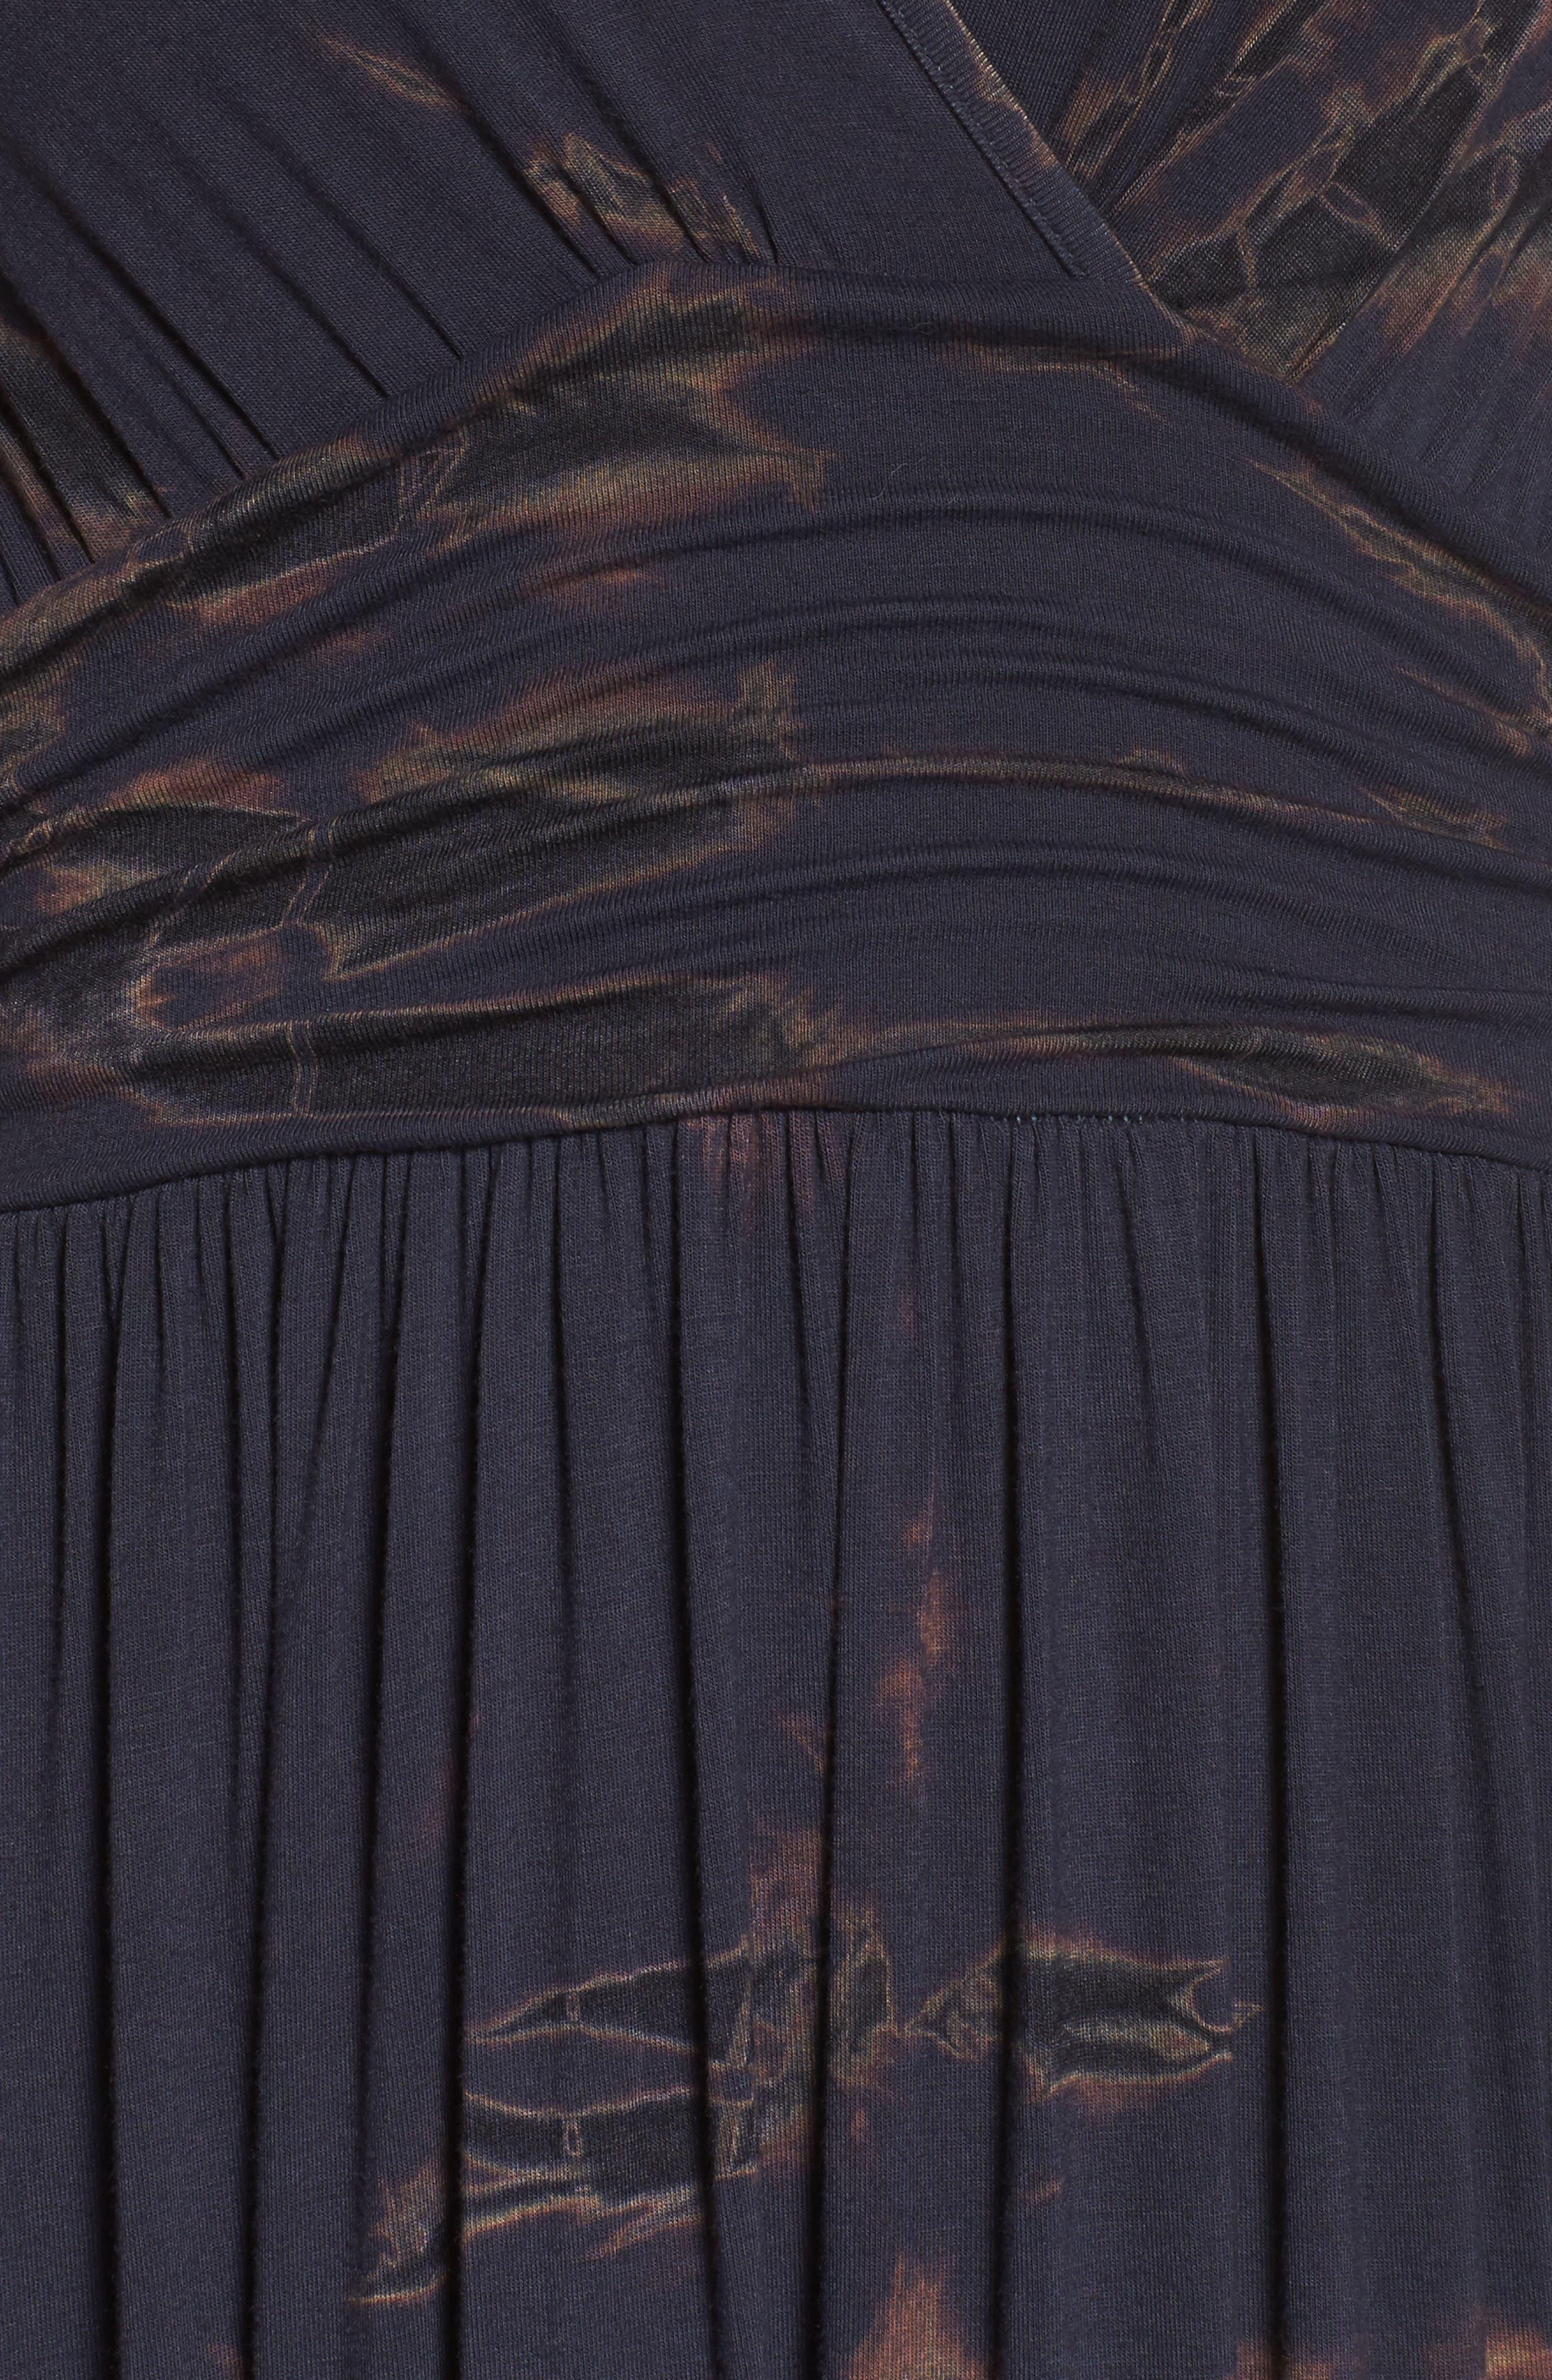 Tie Dye Ombré Jersey Maxi Dress,                             Alternate thumbnail 5, color,                             400